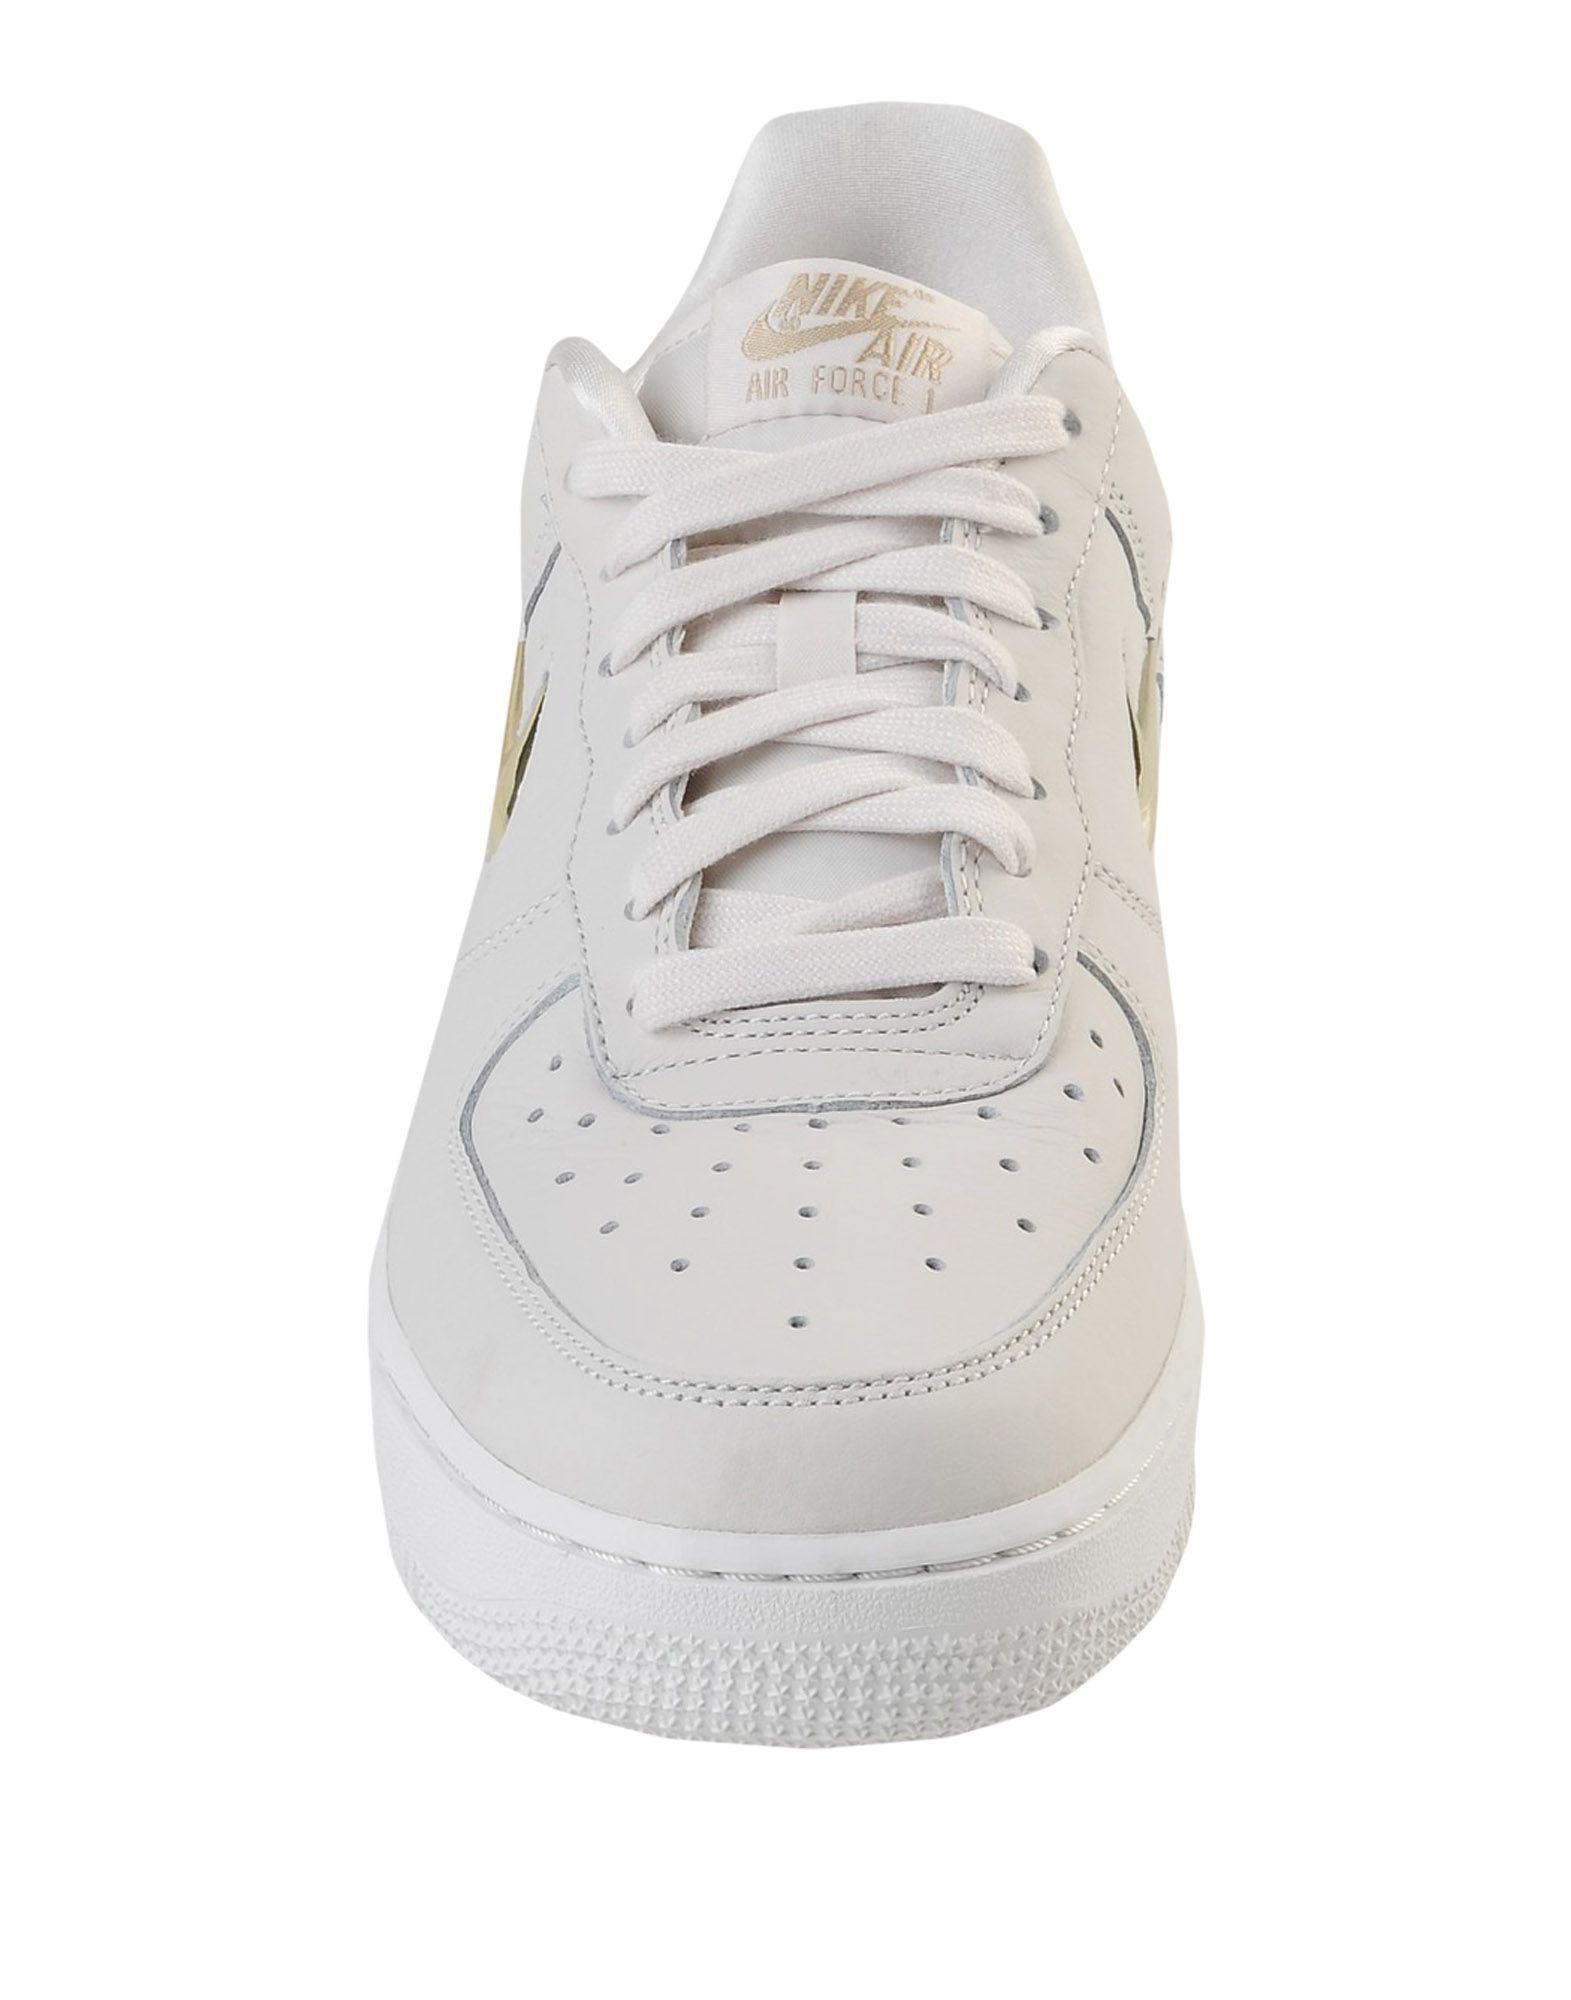 Stilvolle billige Schuhe Nike   Air Force 1 '07 Premium  Lux  11545272LM